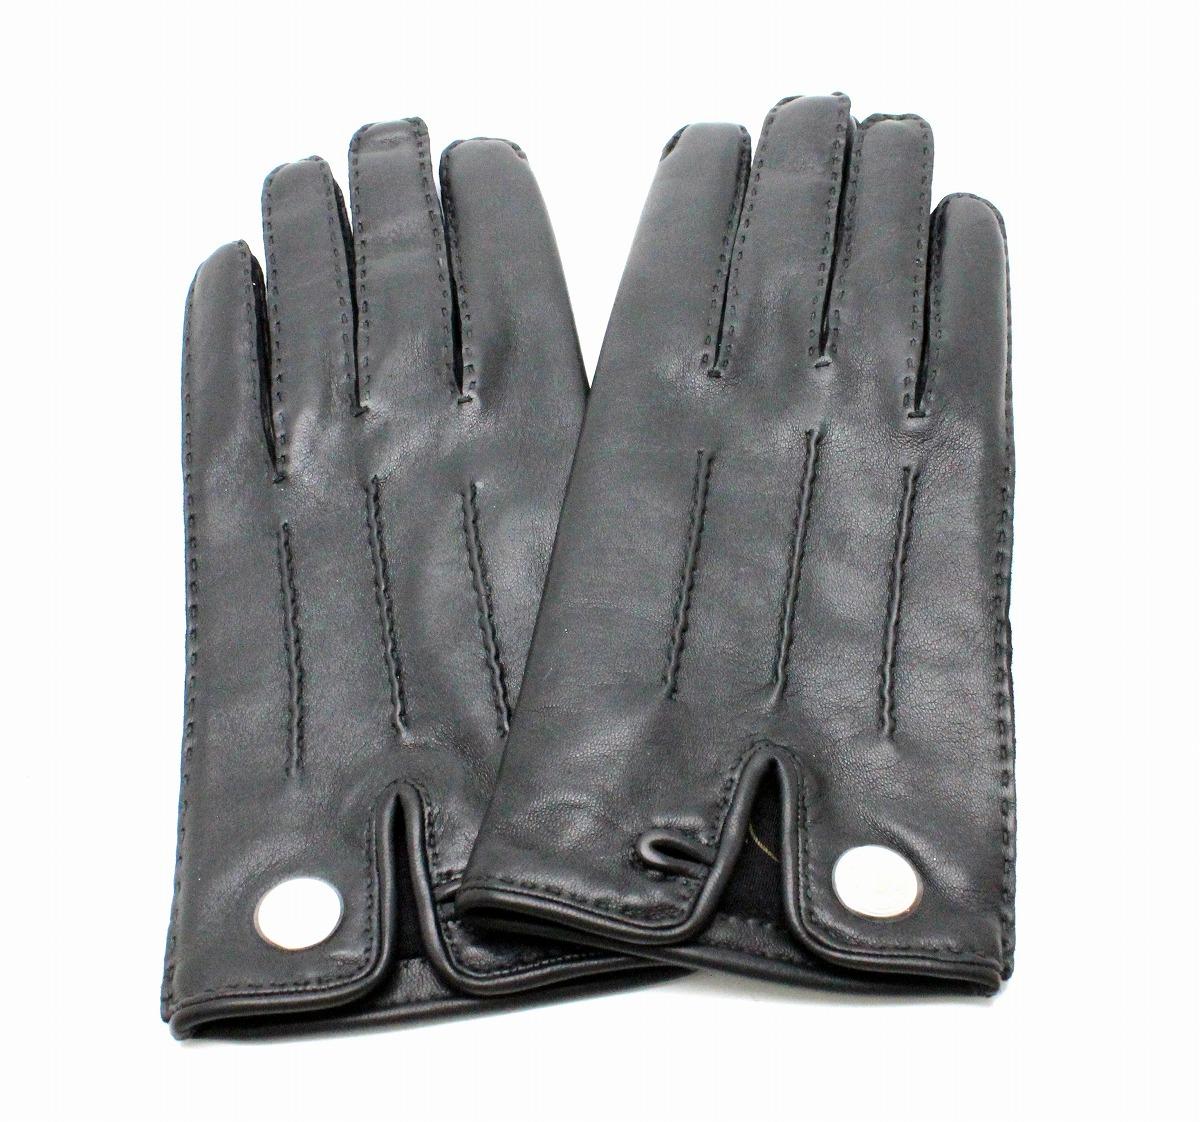 【未使用品】HERMES エルメス セリエ レザーグローブ 手袋 ラムレザー 黒 ブラック シルバー金具 #8 【中古】【u】